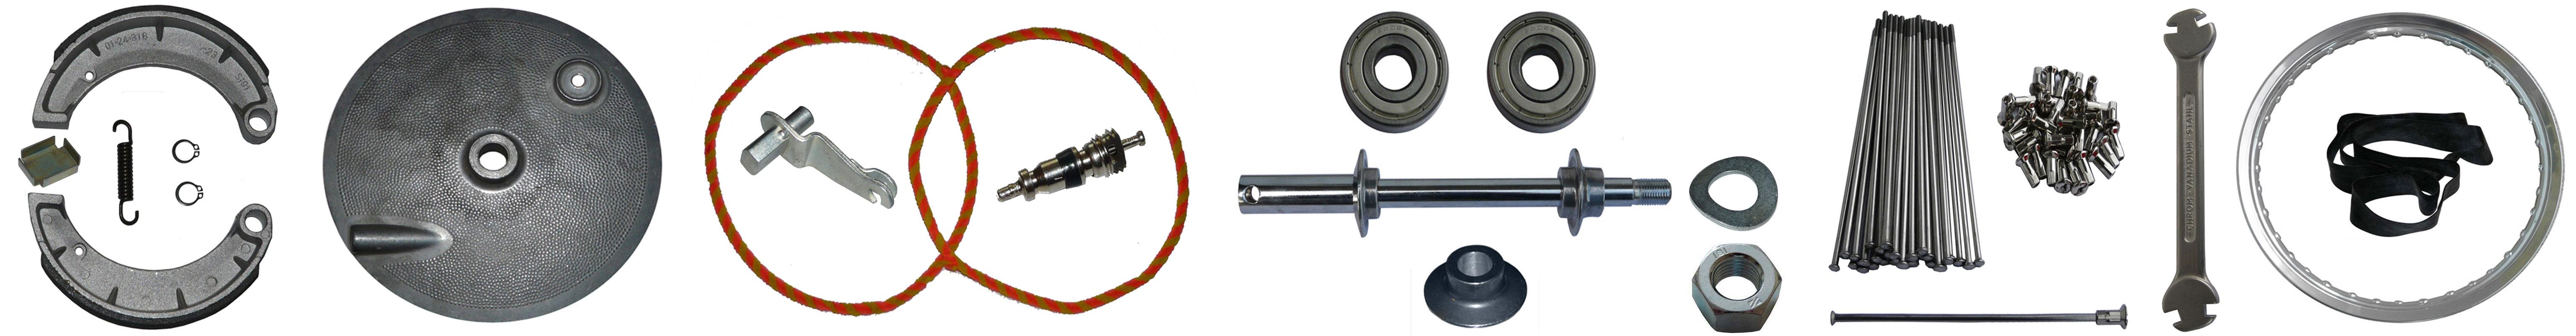 MZ ETZ 125-150 Ersatzteile Vorderrad